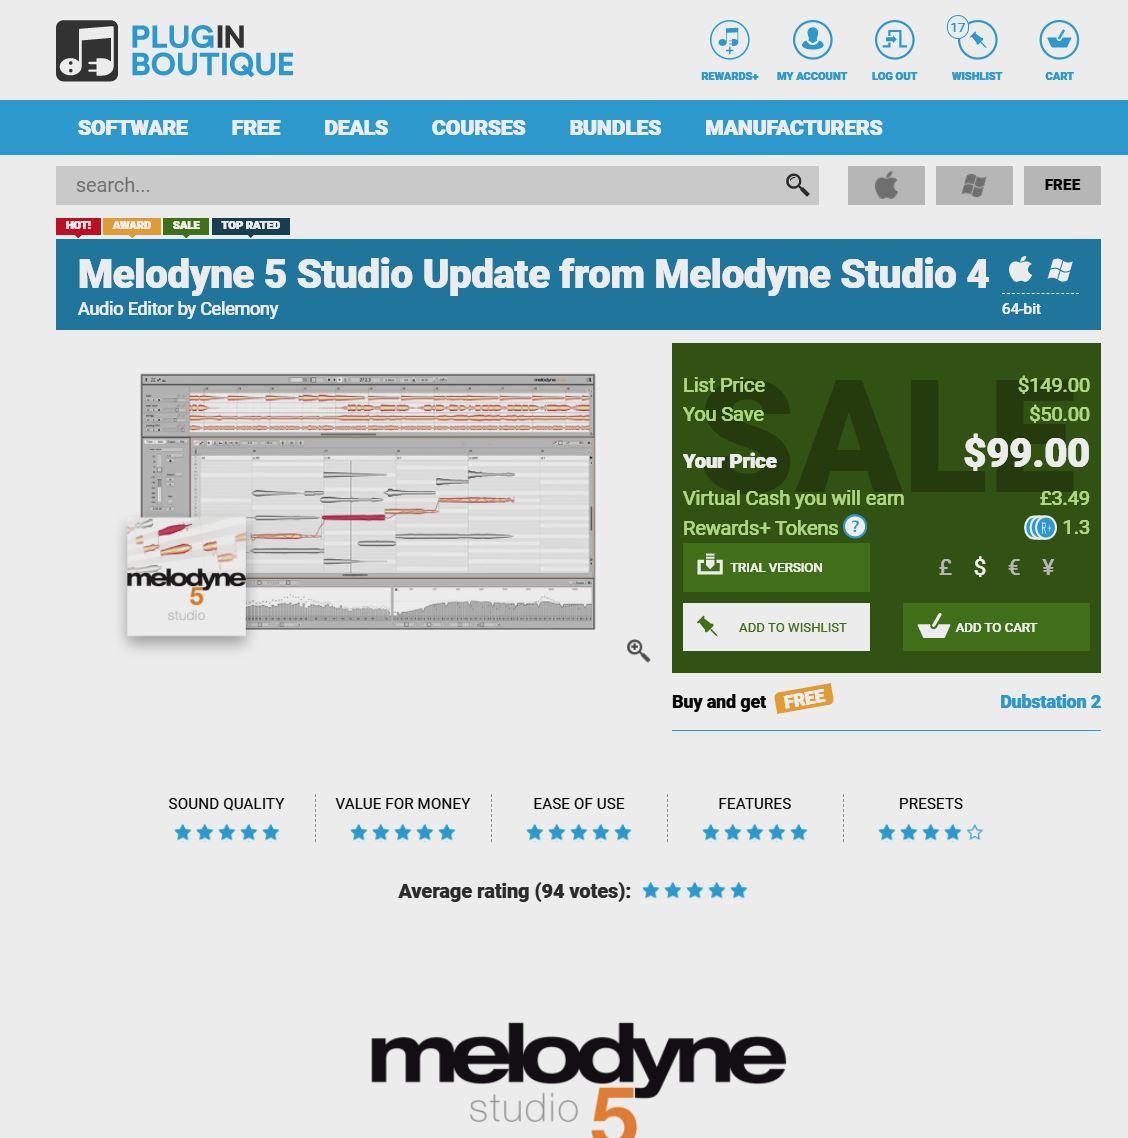 2021-05-20 11_08_01-Melodyne 5 Studio Update from Melodyne Studio 4, Melodyne 5 Studio.jpg